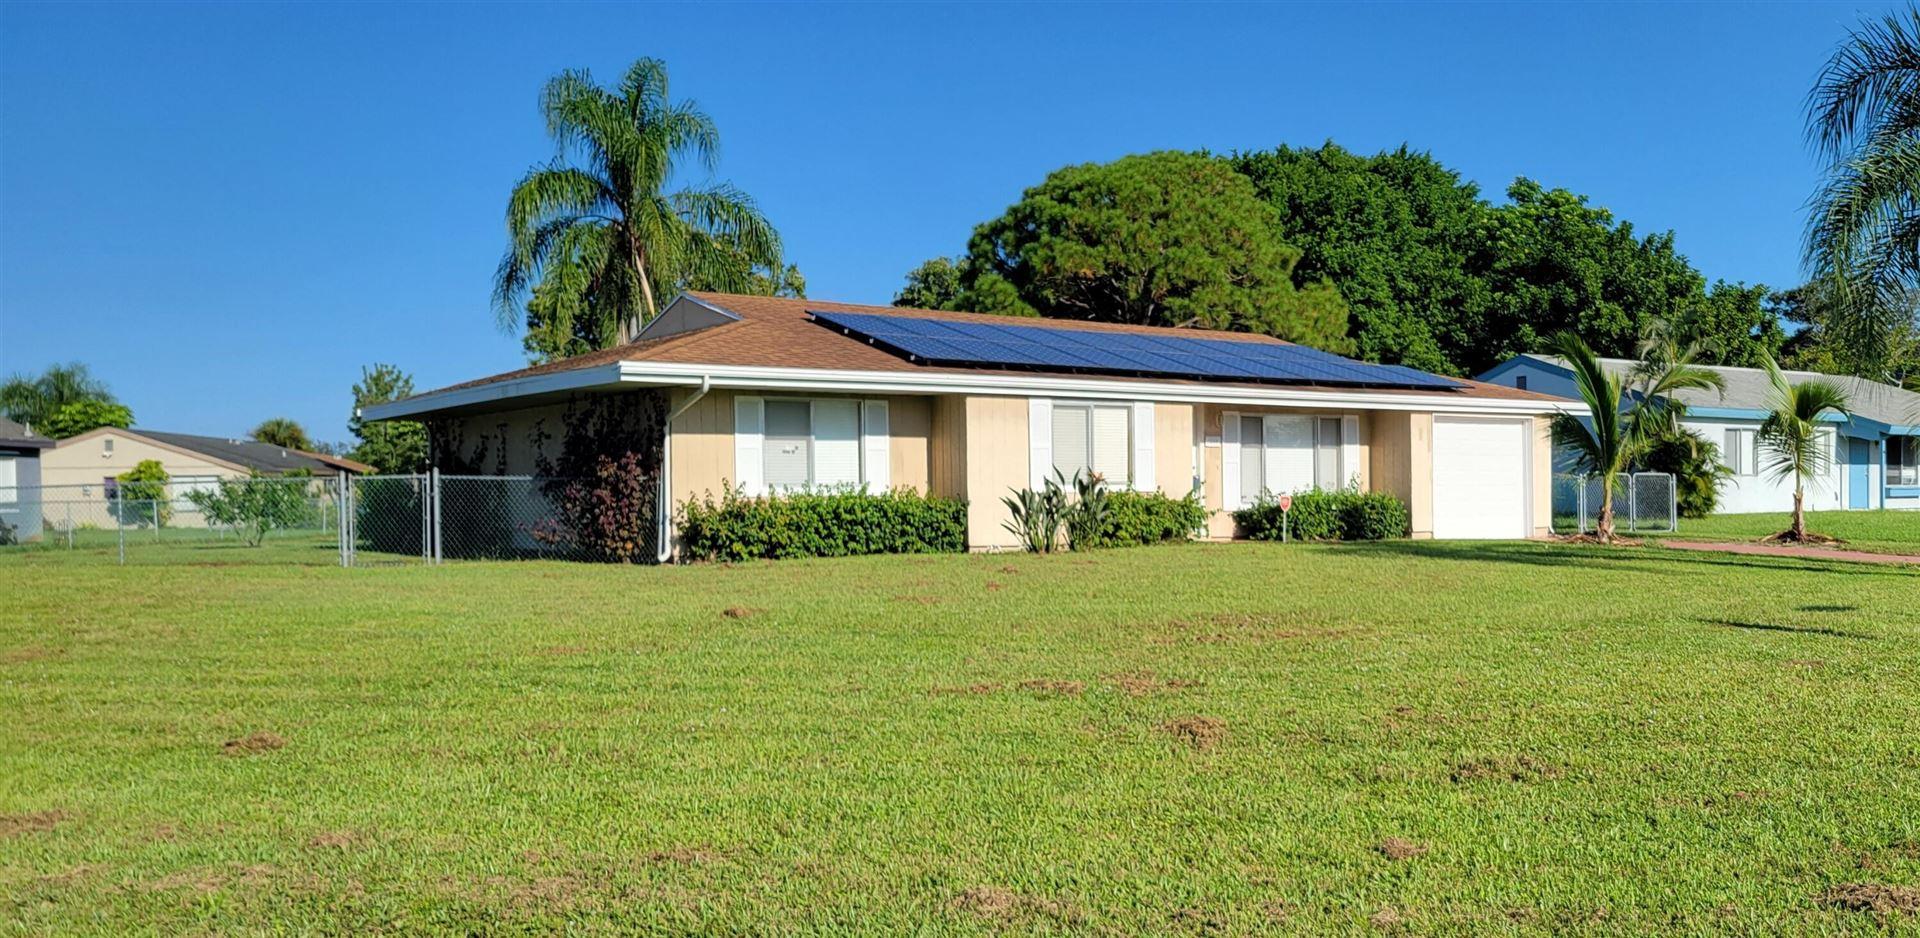 3250 SW Ronlea Place, Port Saint Lucie, FL 34953 - MLS#: RX-10743813